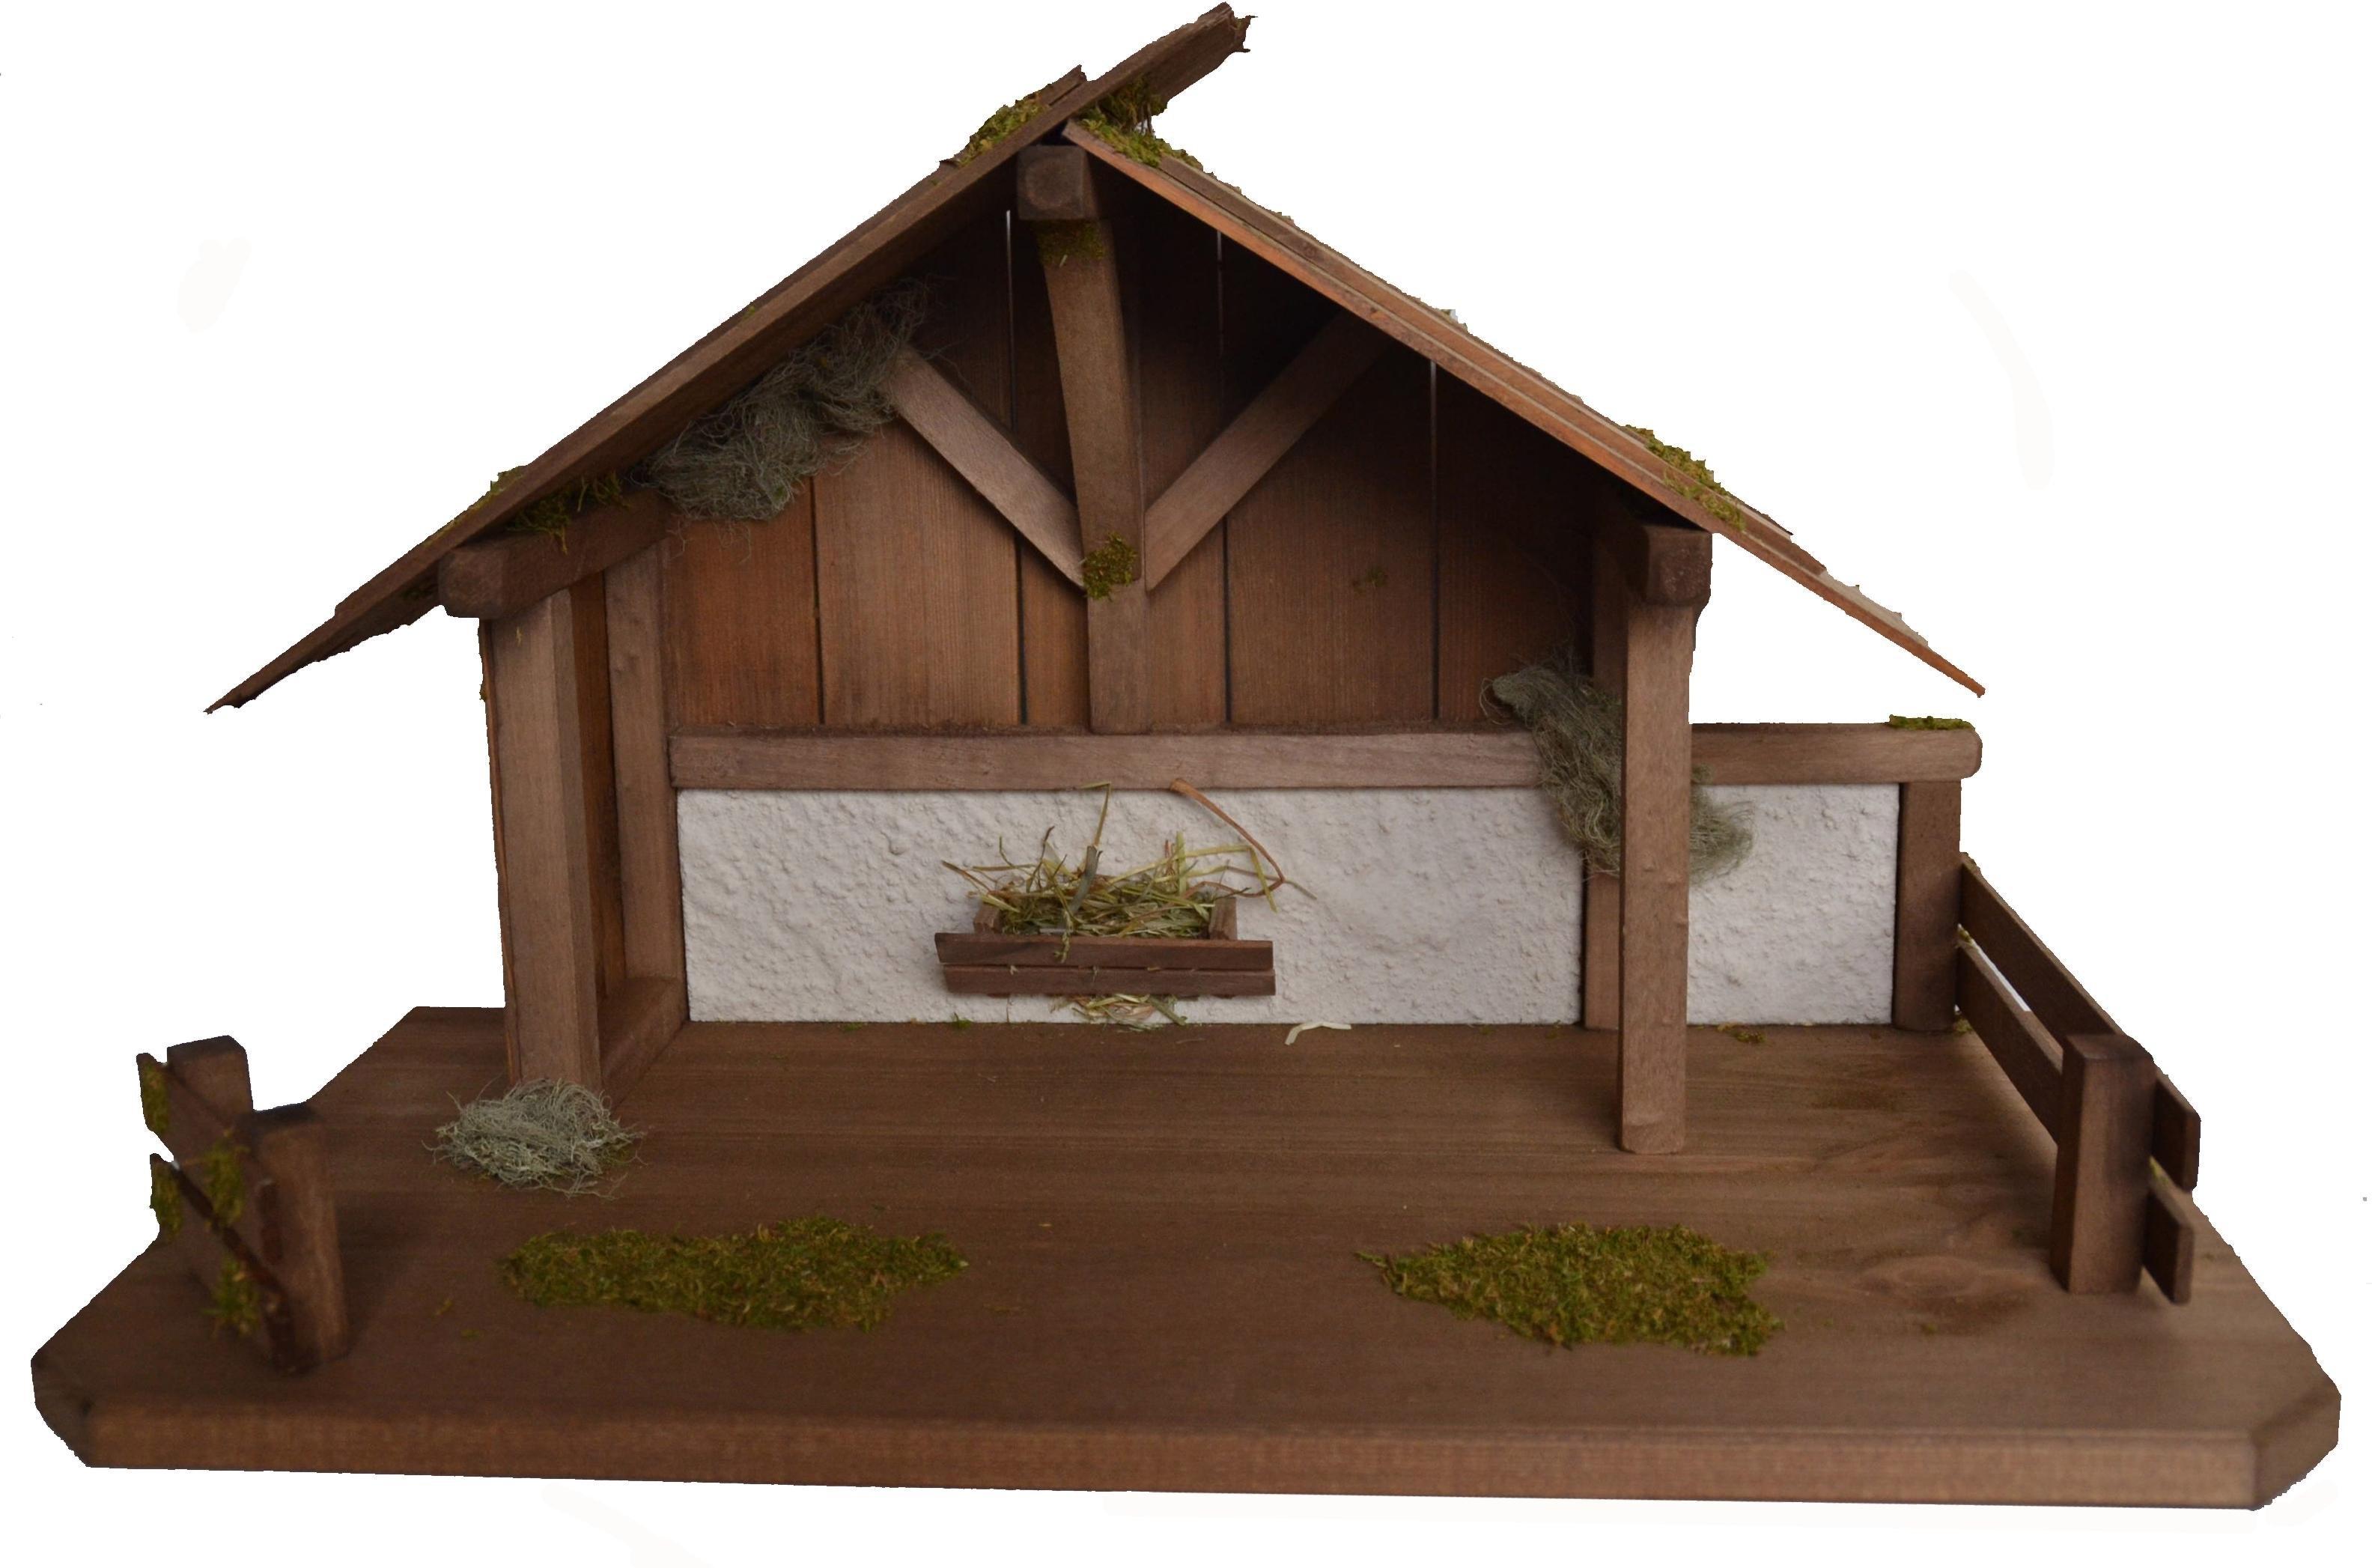 Alfred Kolbe kribbe Kerststal voor 15 cm figuren echt hout (1-delig) bij OTTO online kopen